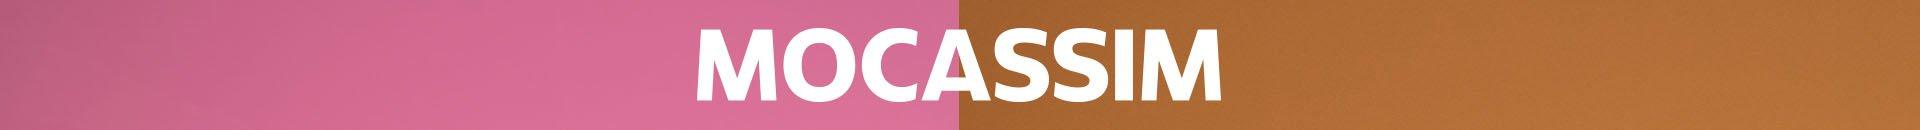 Banners-Mocassins-categoria-desktop.jpg